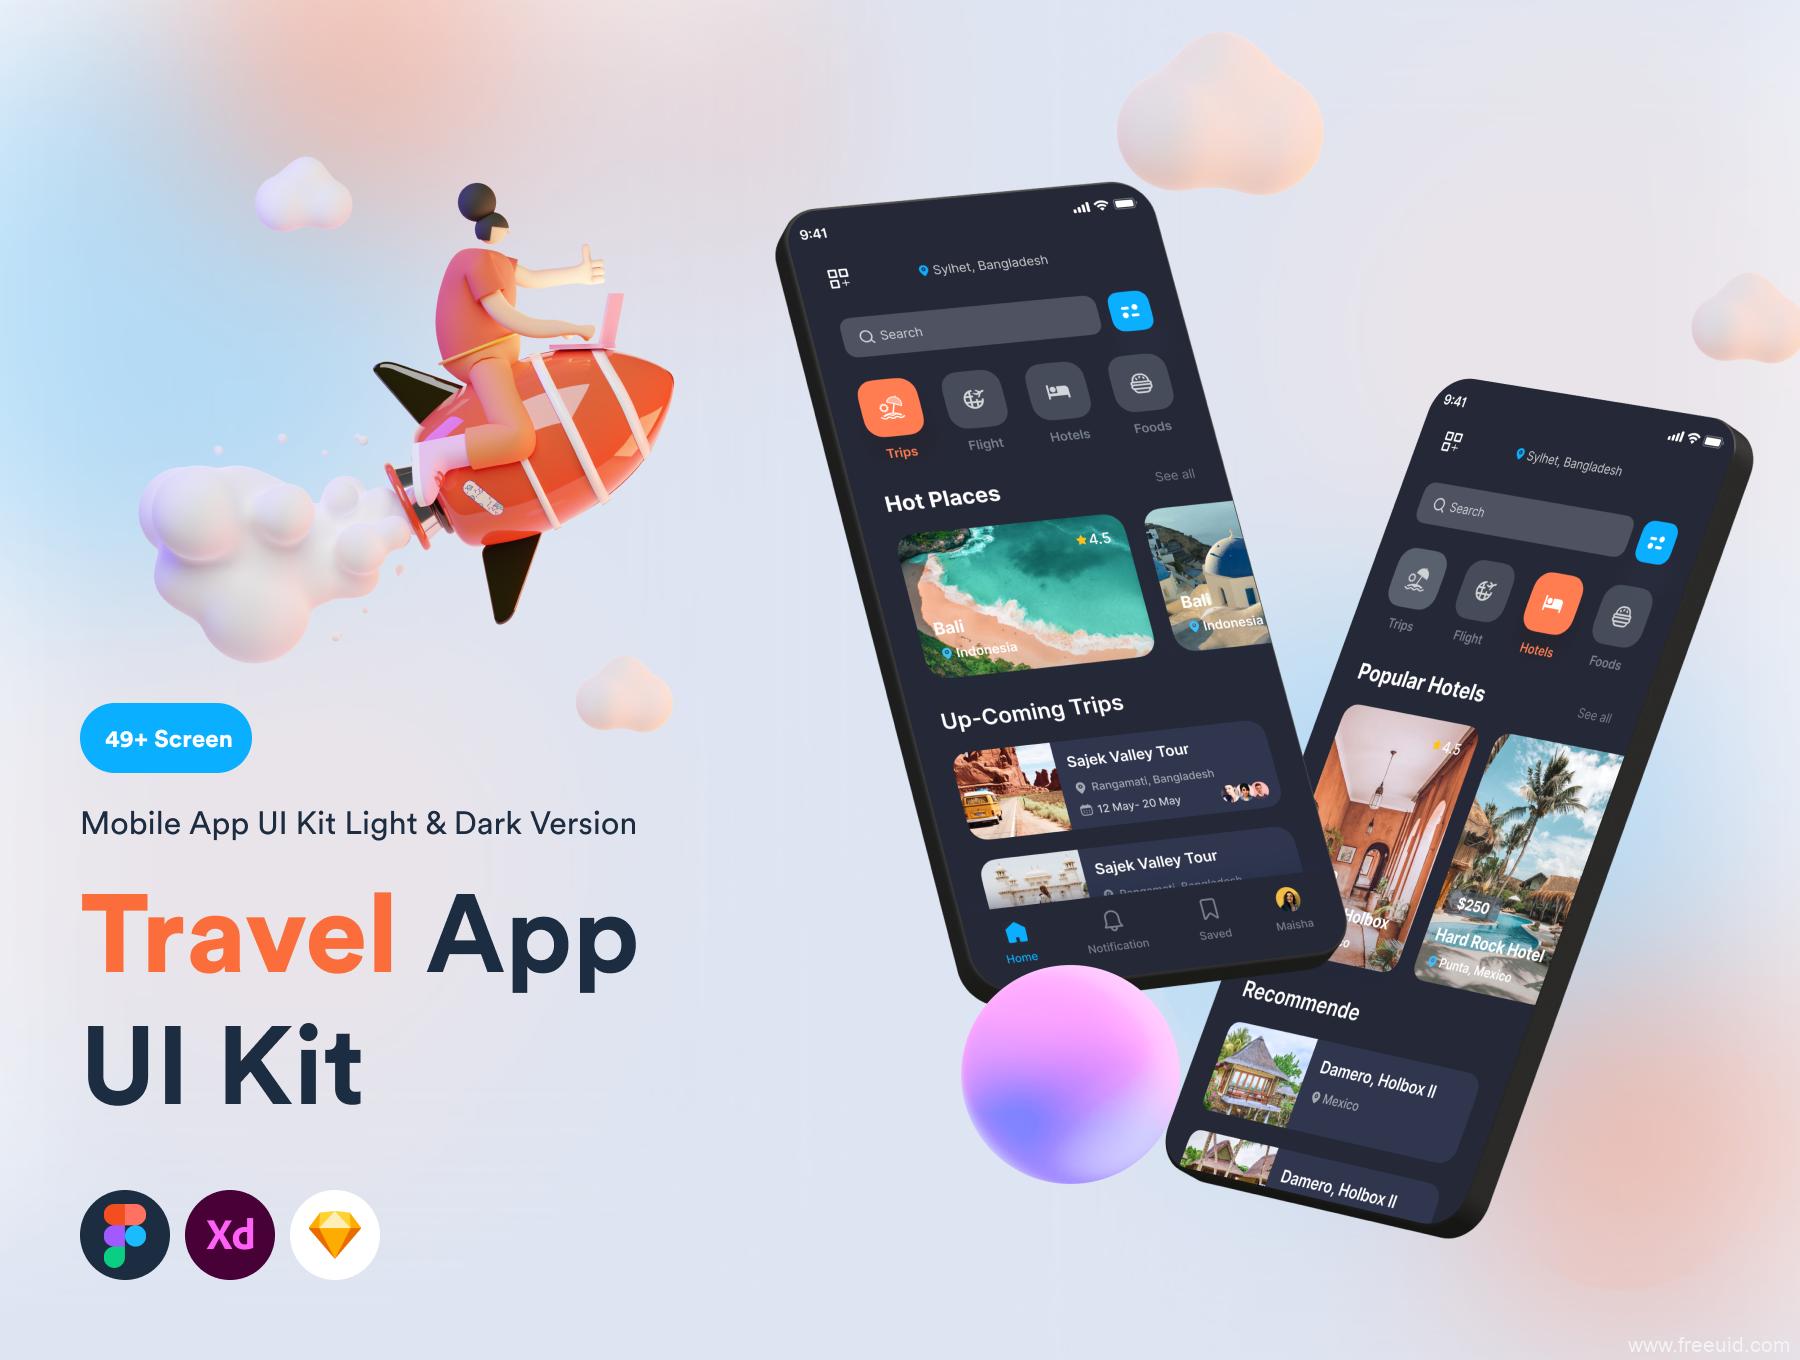 最新旅游app ui设计源文件下载,旅行app ui源文件下载,旅游app ui kit素材xd、sketch、fig源文件